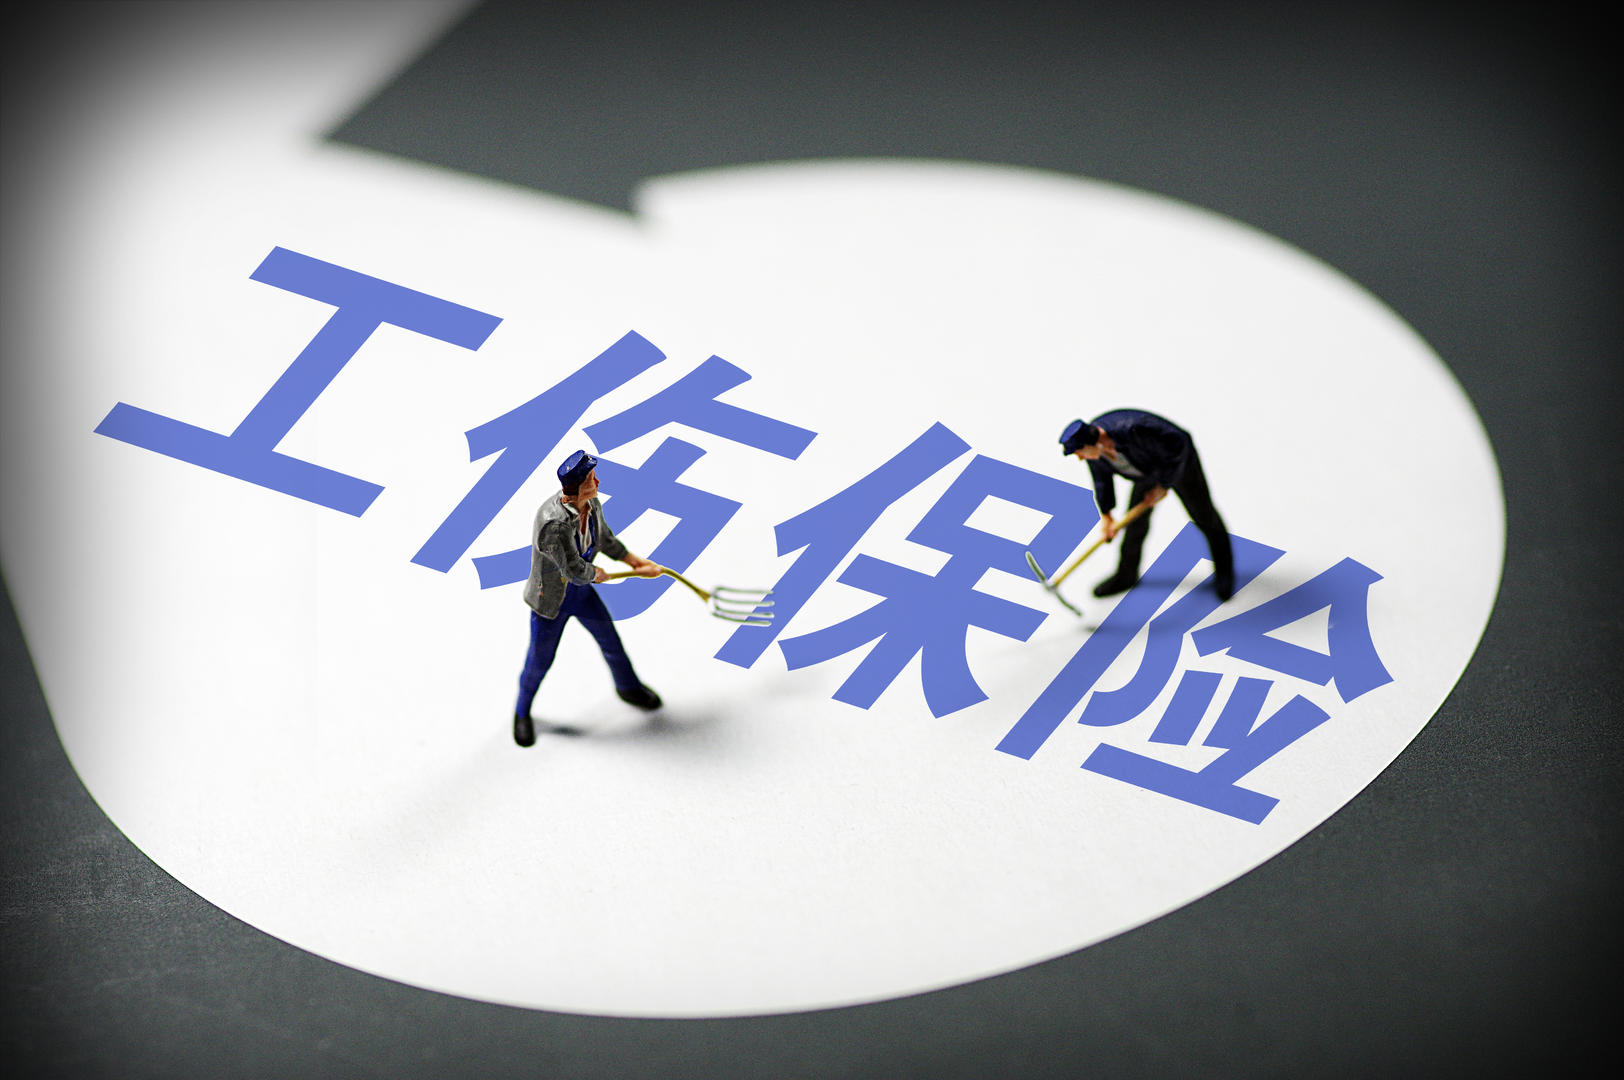 四川省工伤保险条例(草案)提请一审:公务员、实习生纳入参保范围